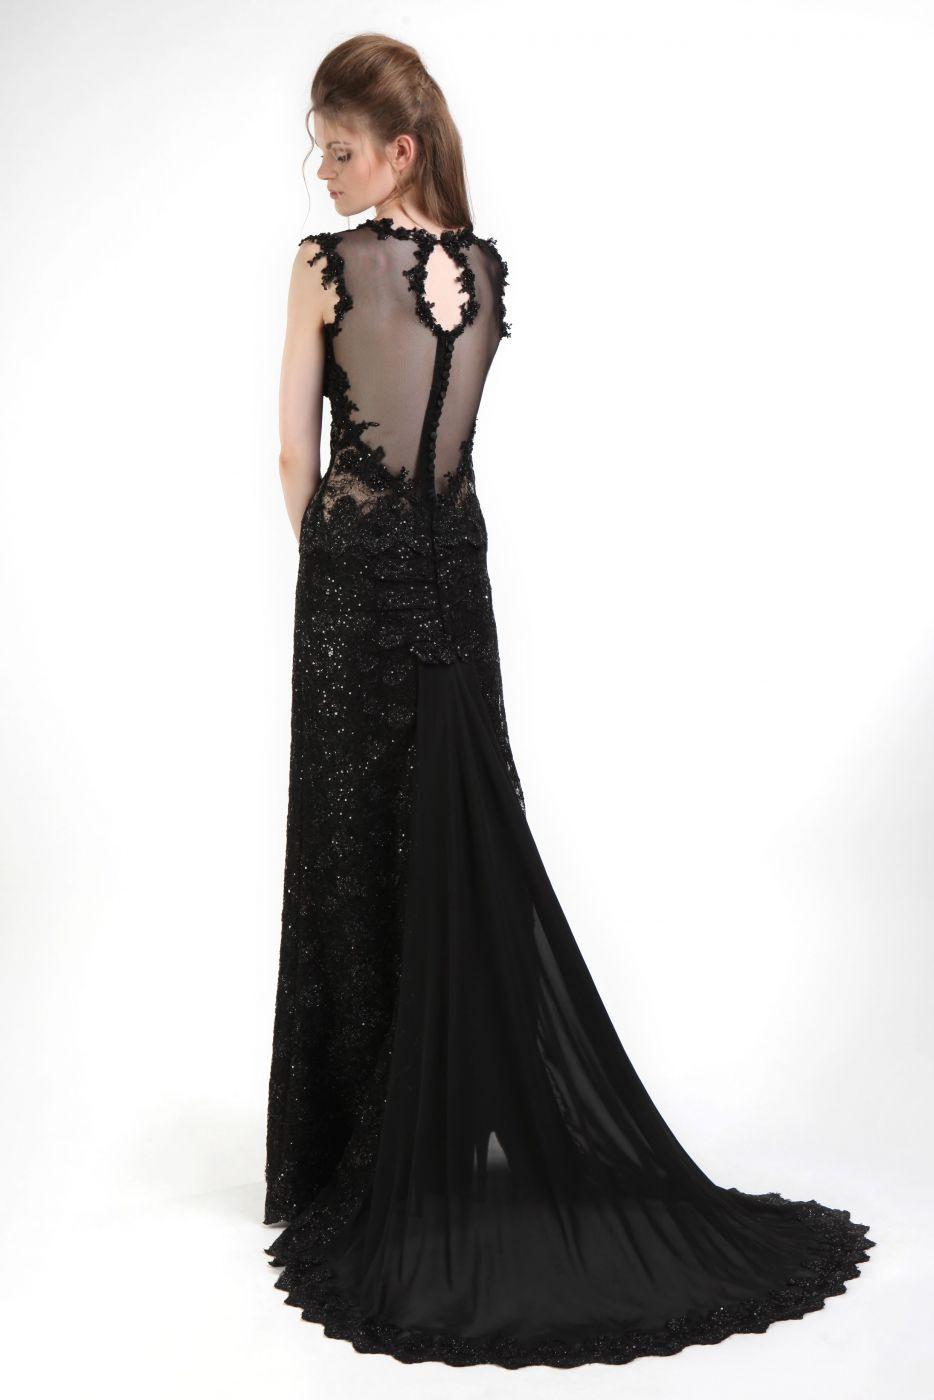 Abend Genial Abendkleid Lang Schwarz Spezialgebiet13 Ausgezeichnet Abendkleid Lang Schwarz Spezialgebiet